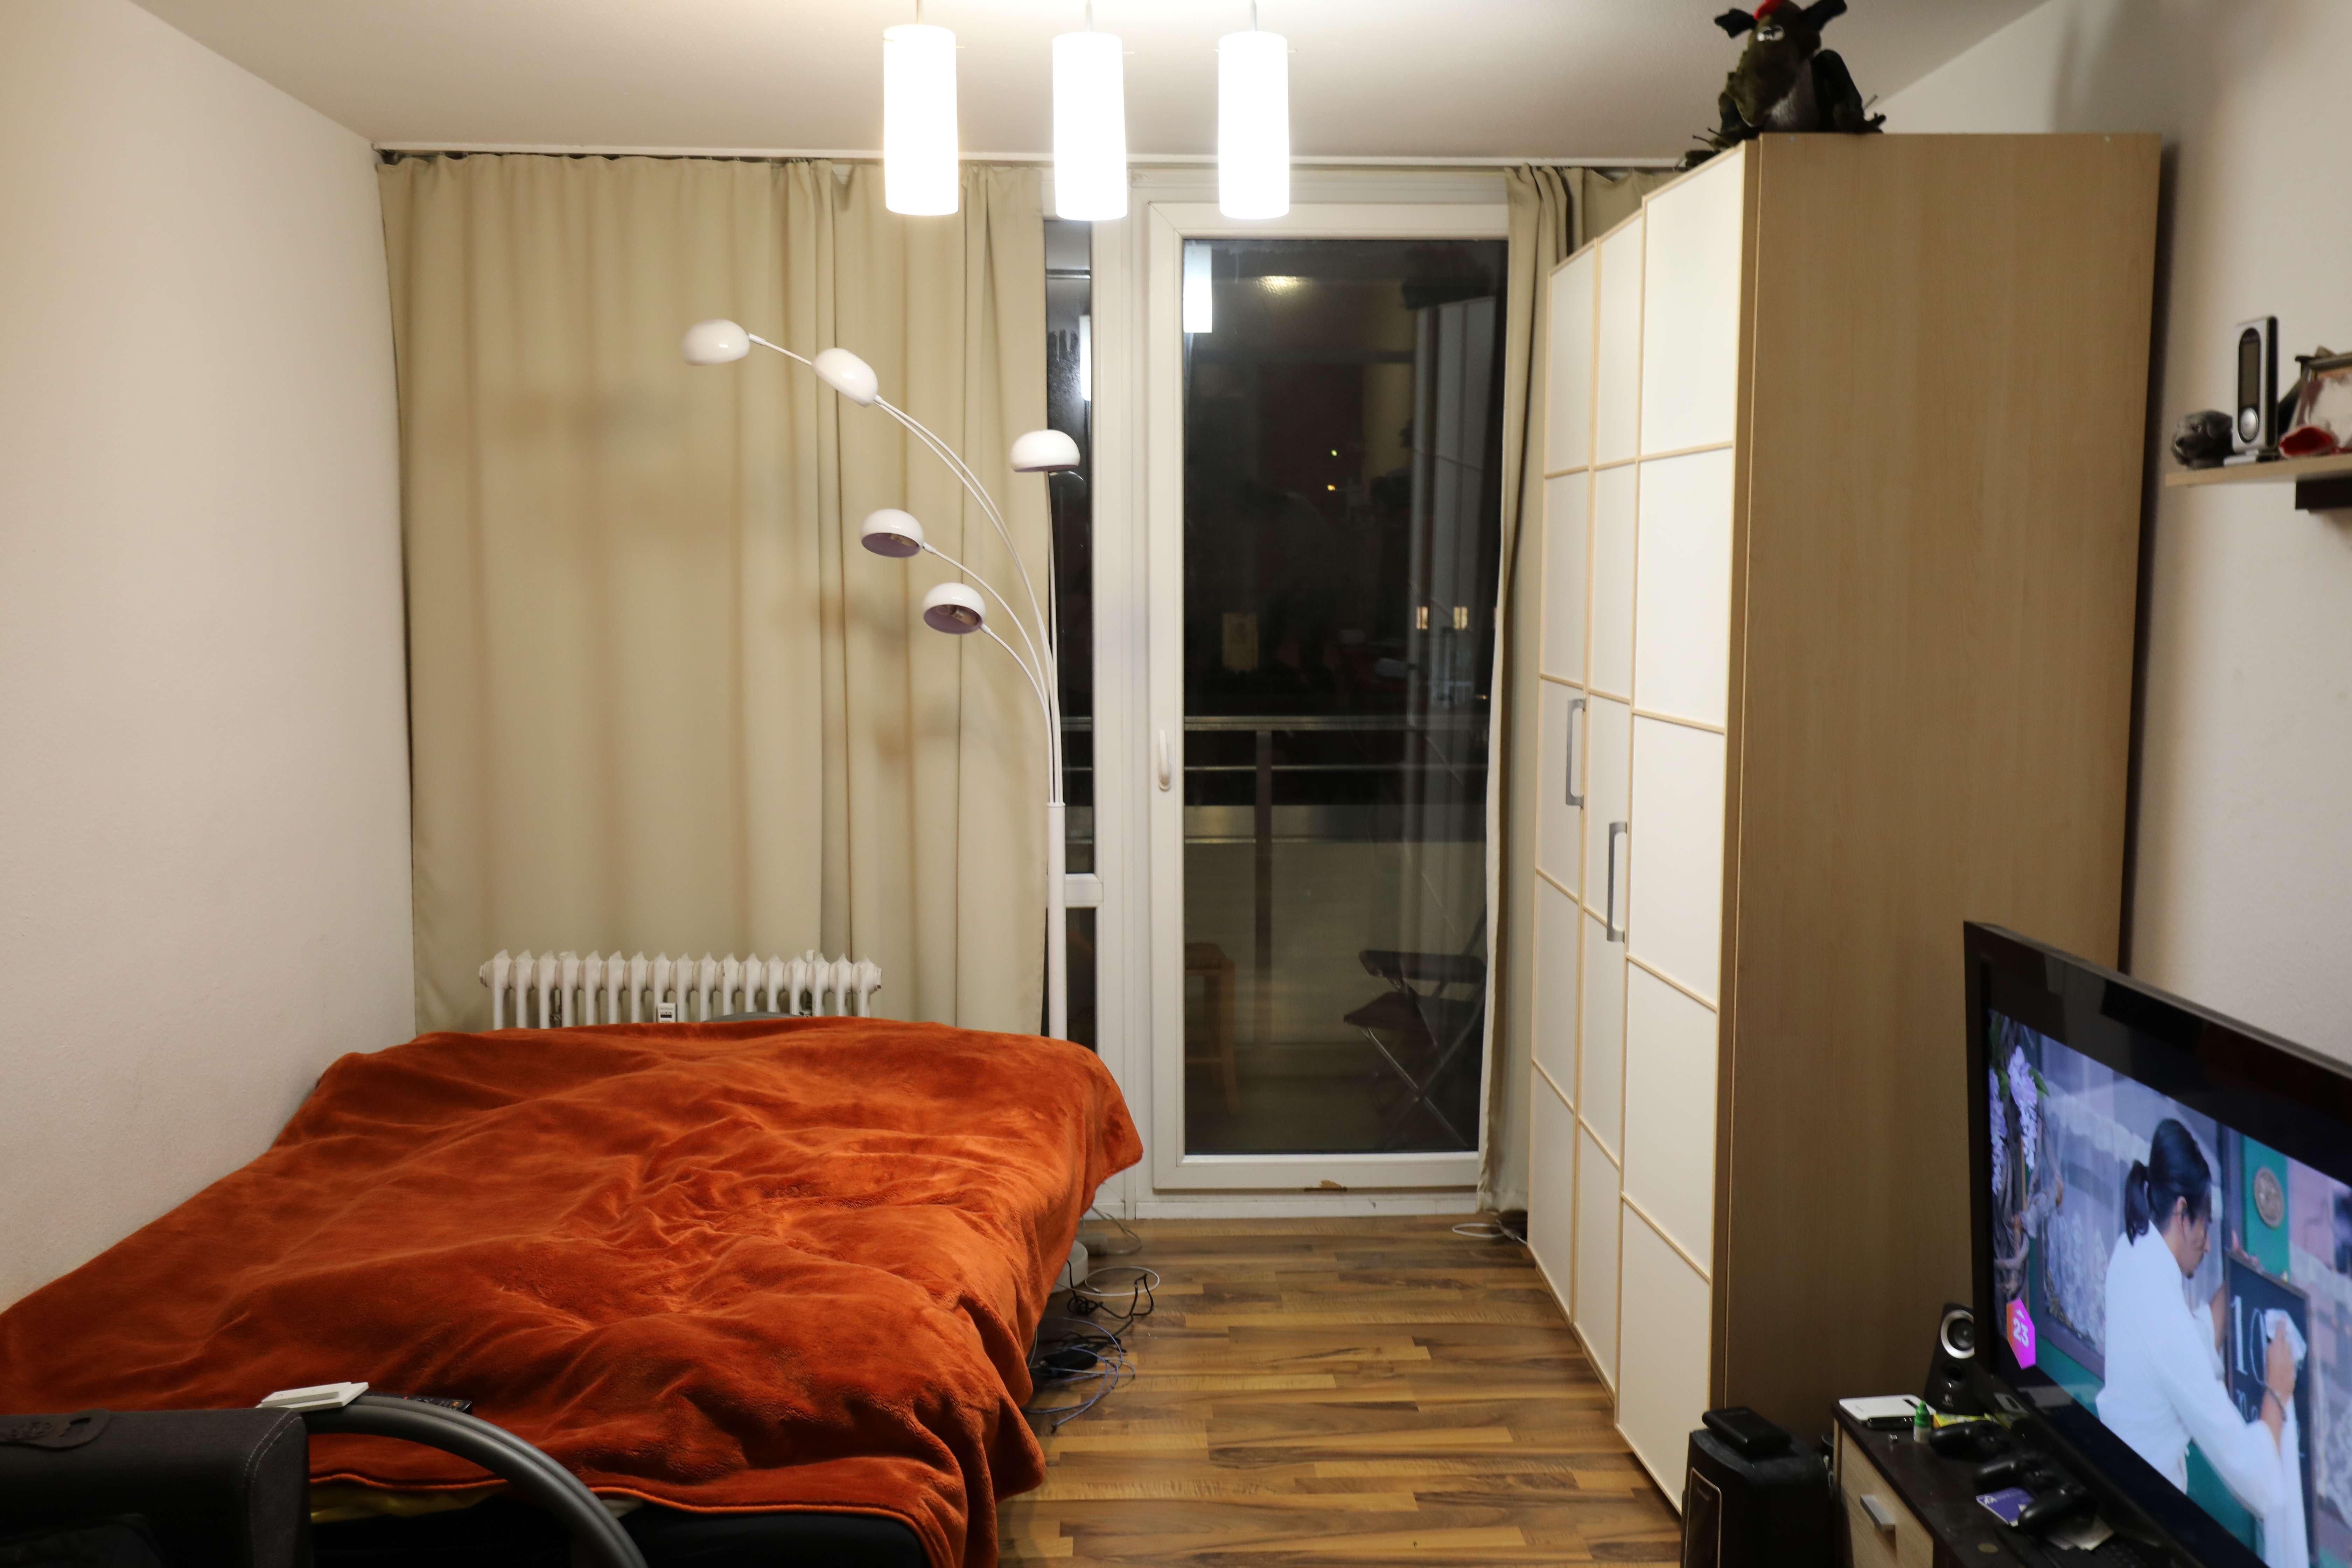 13.11 Open House, Studio mit großem Balkon! in Haidhausen (München)